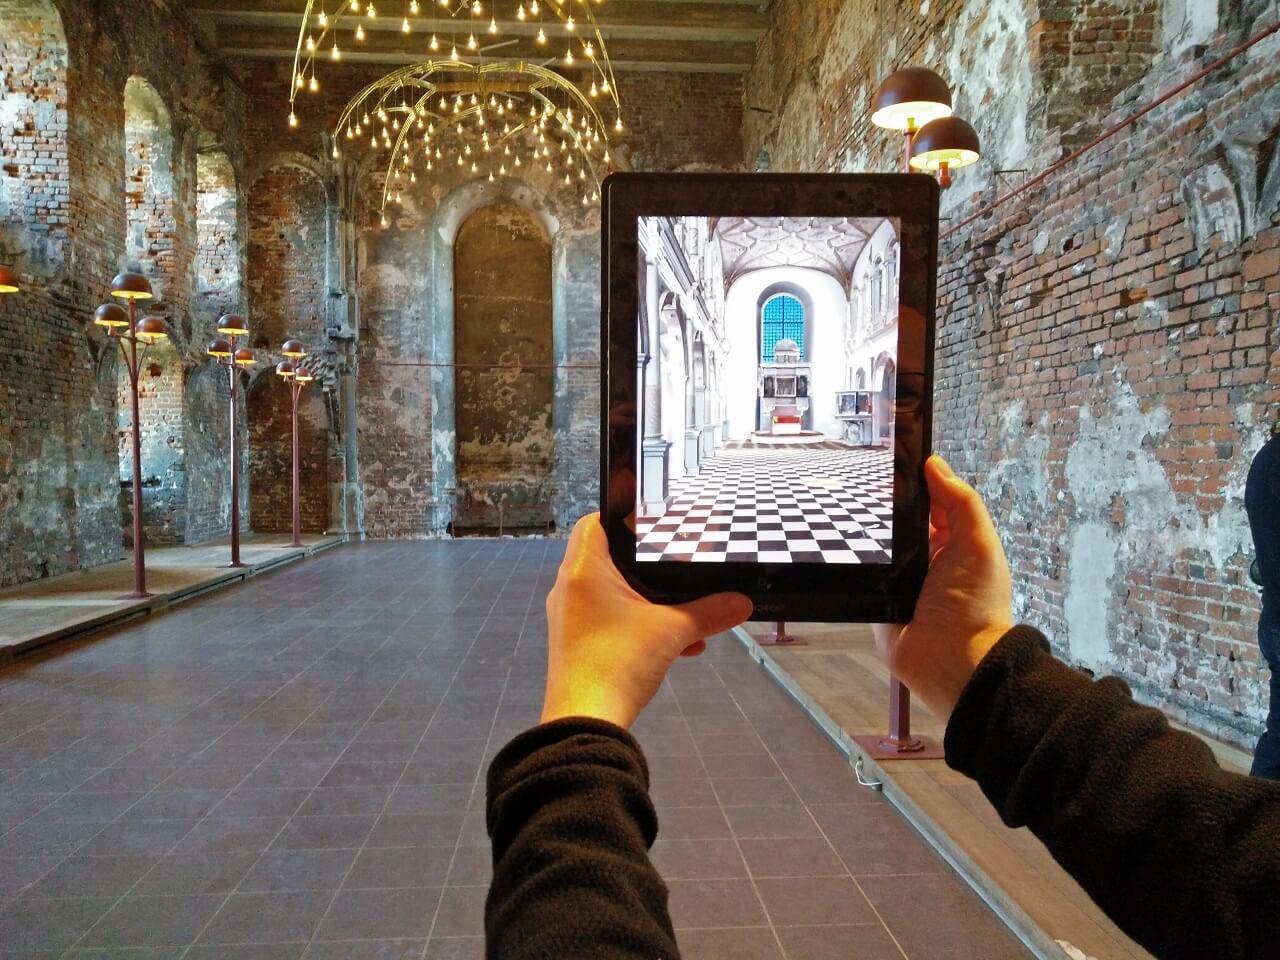 פיתוח אפליקציית מציאות רבודה לתיירות